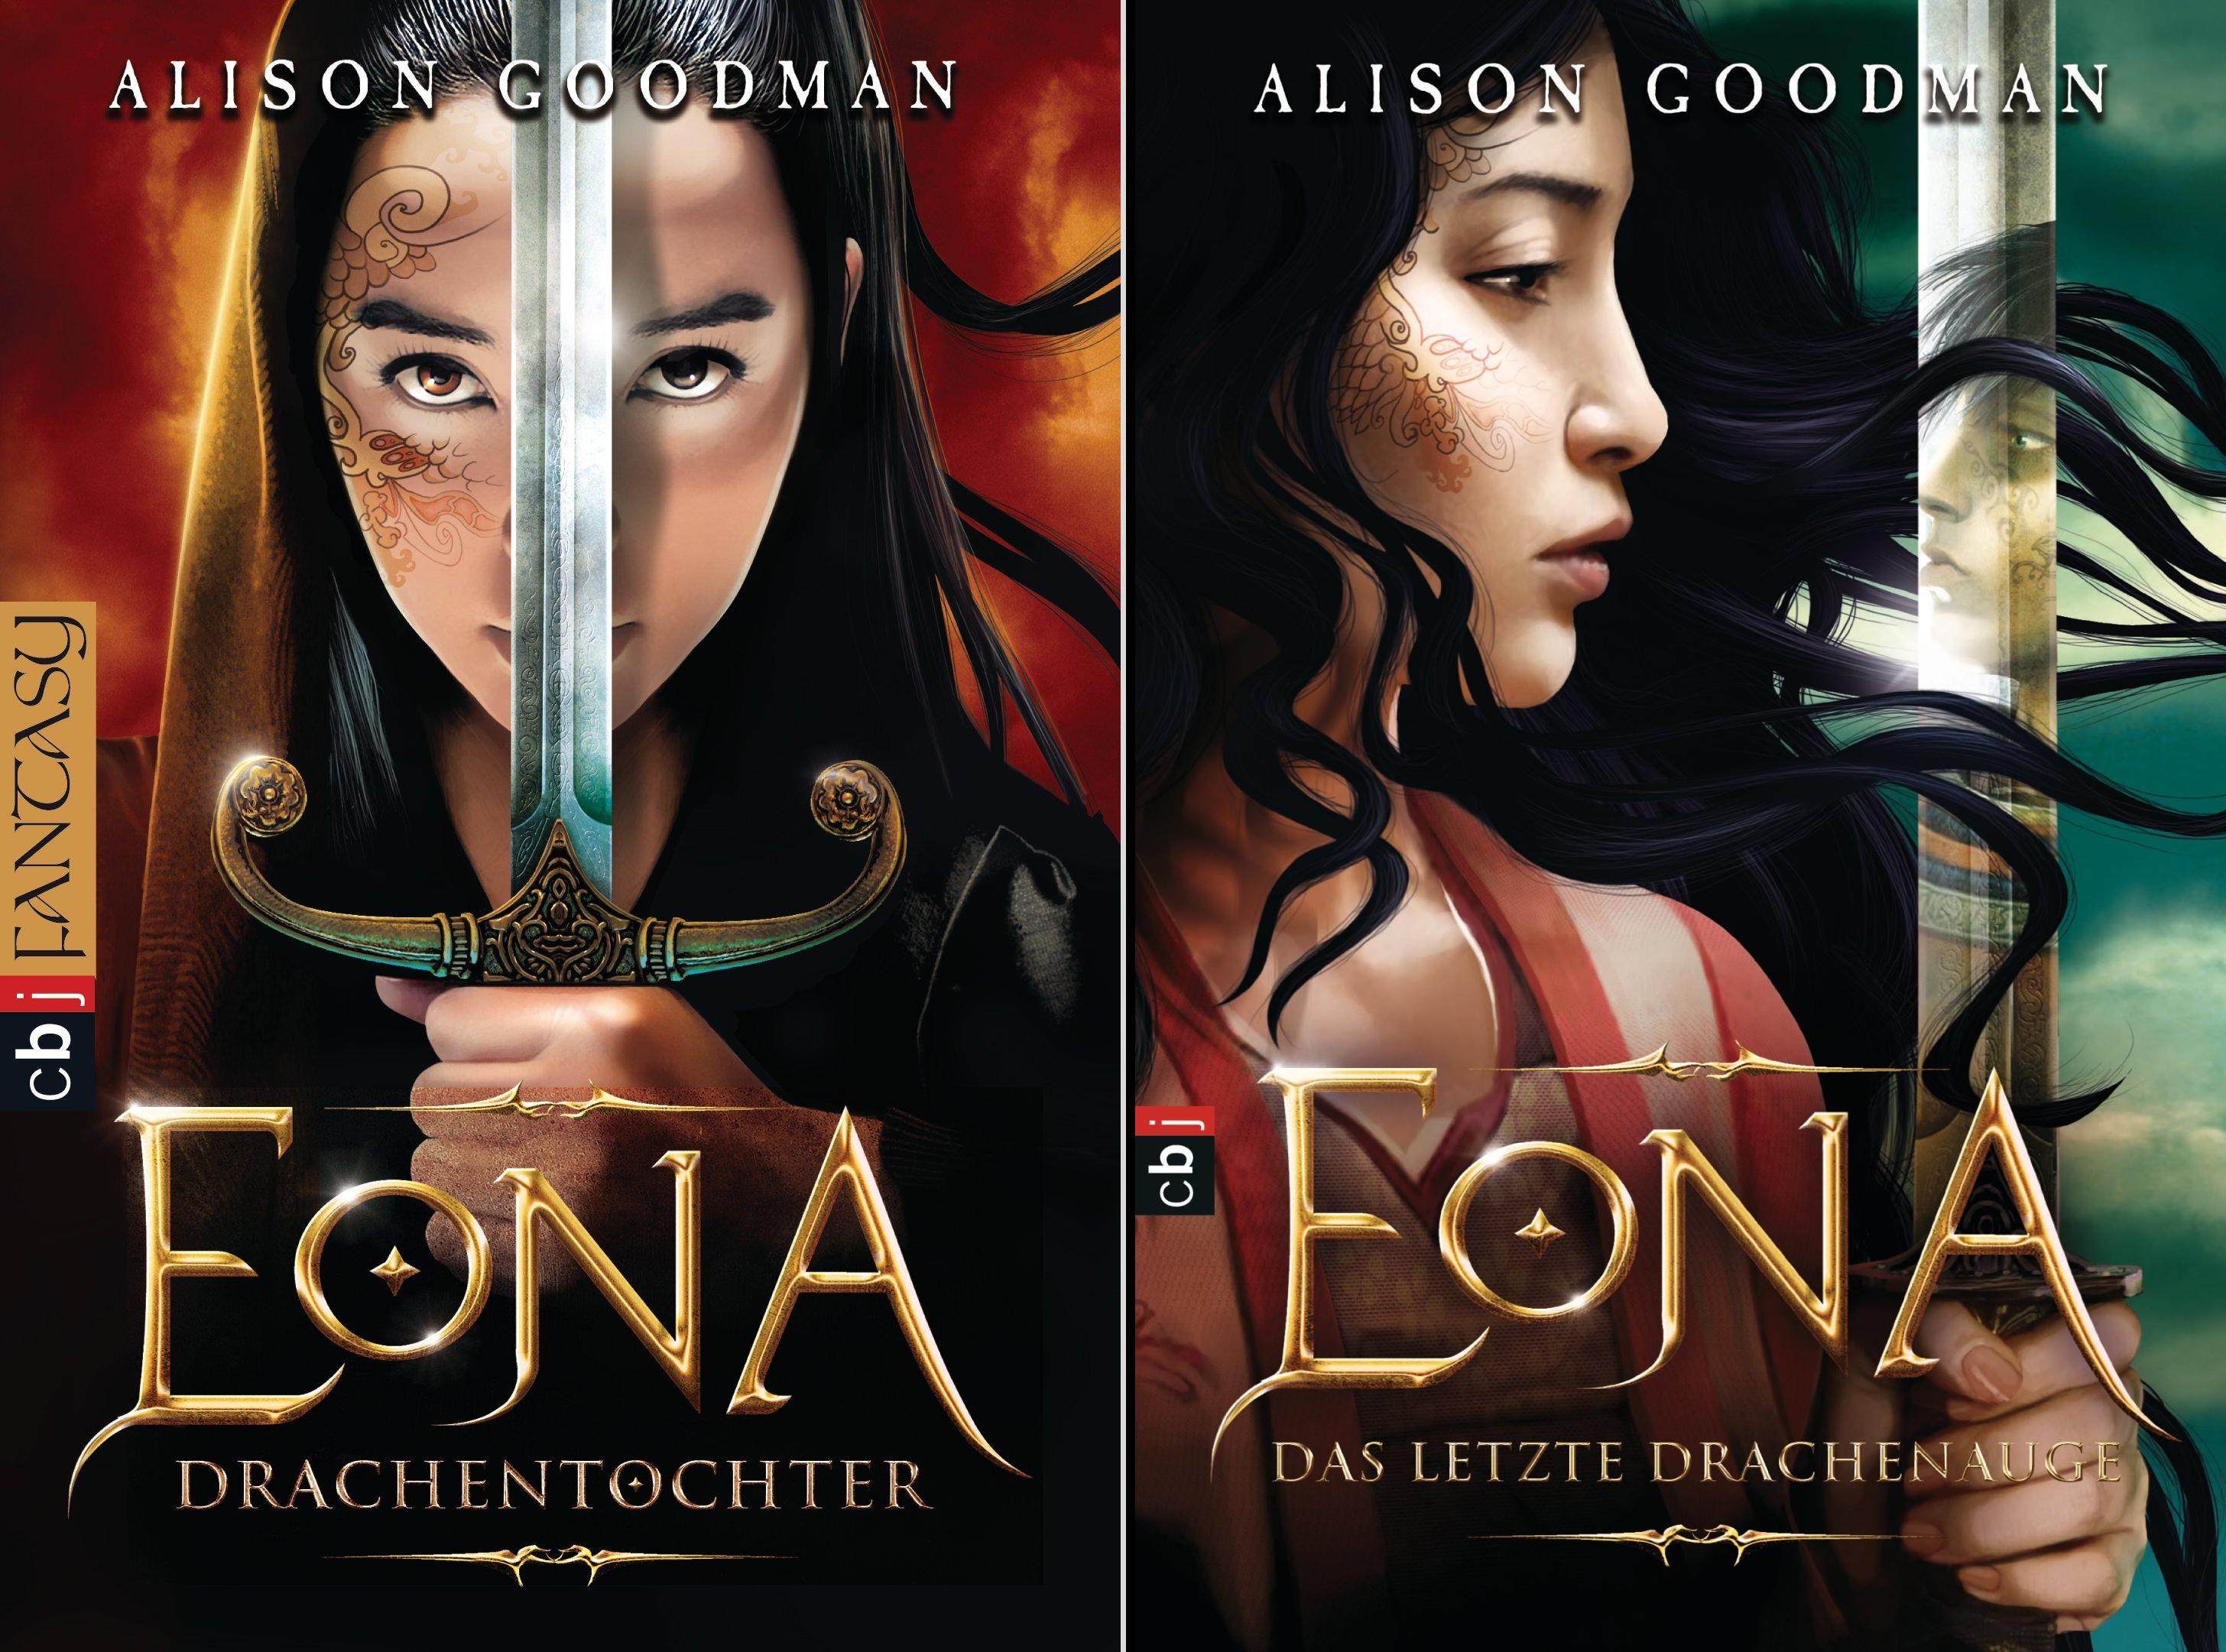 eona alison goodman - 8